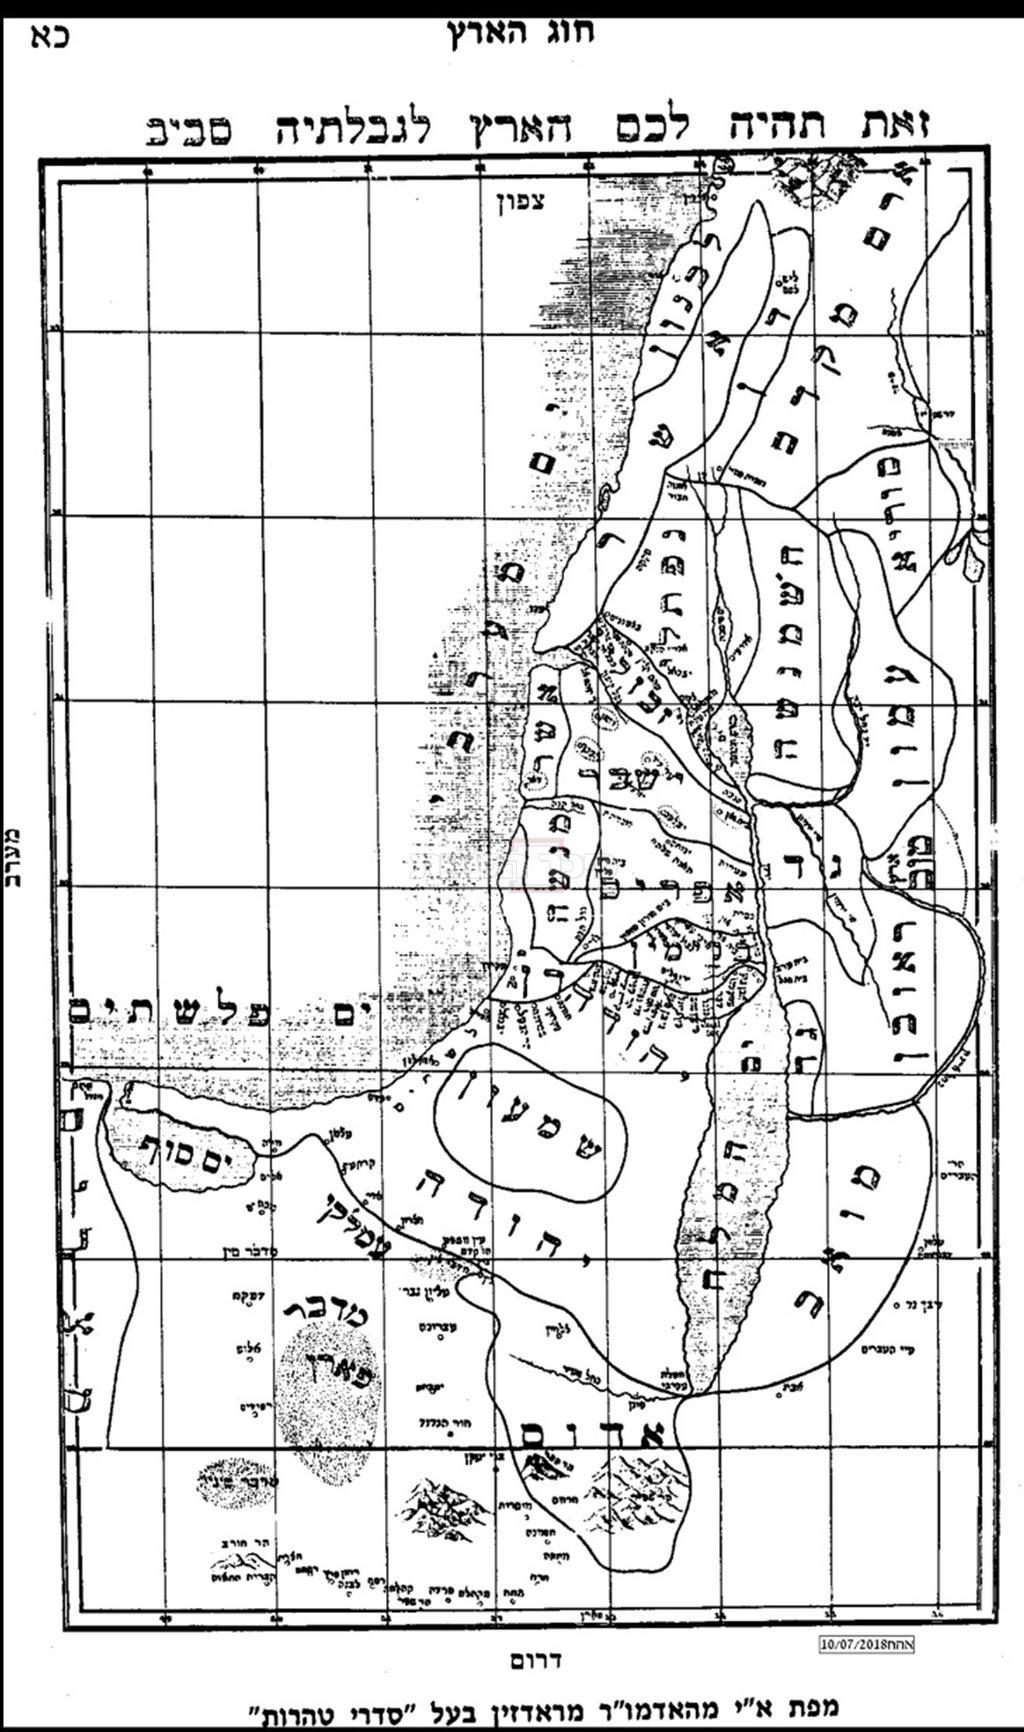 מפת ארץ ישראל שאייר אדמו''ר מראדזין, הובא בספר חוג הארץ (באדיבות אוצר החכמה)